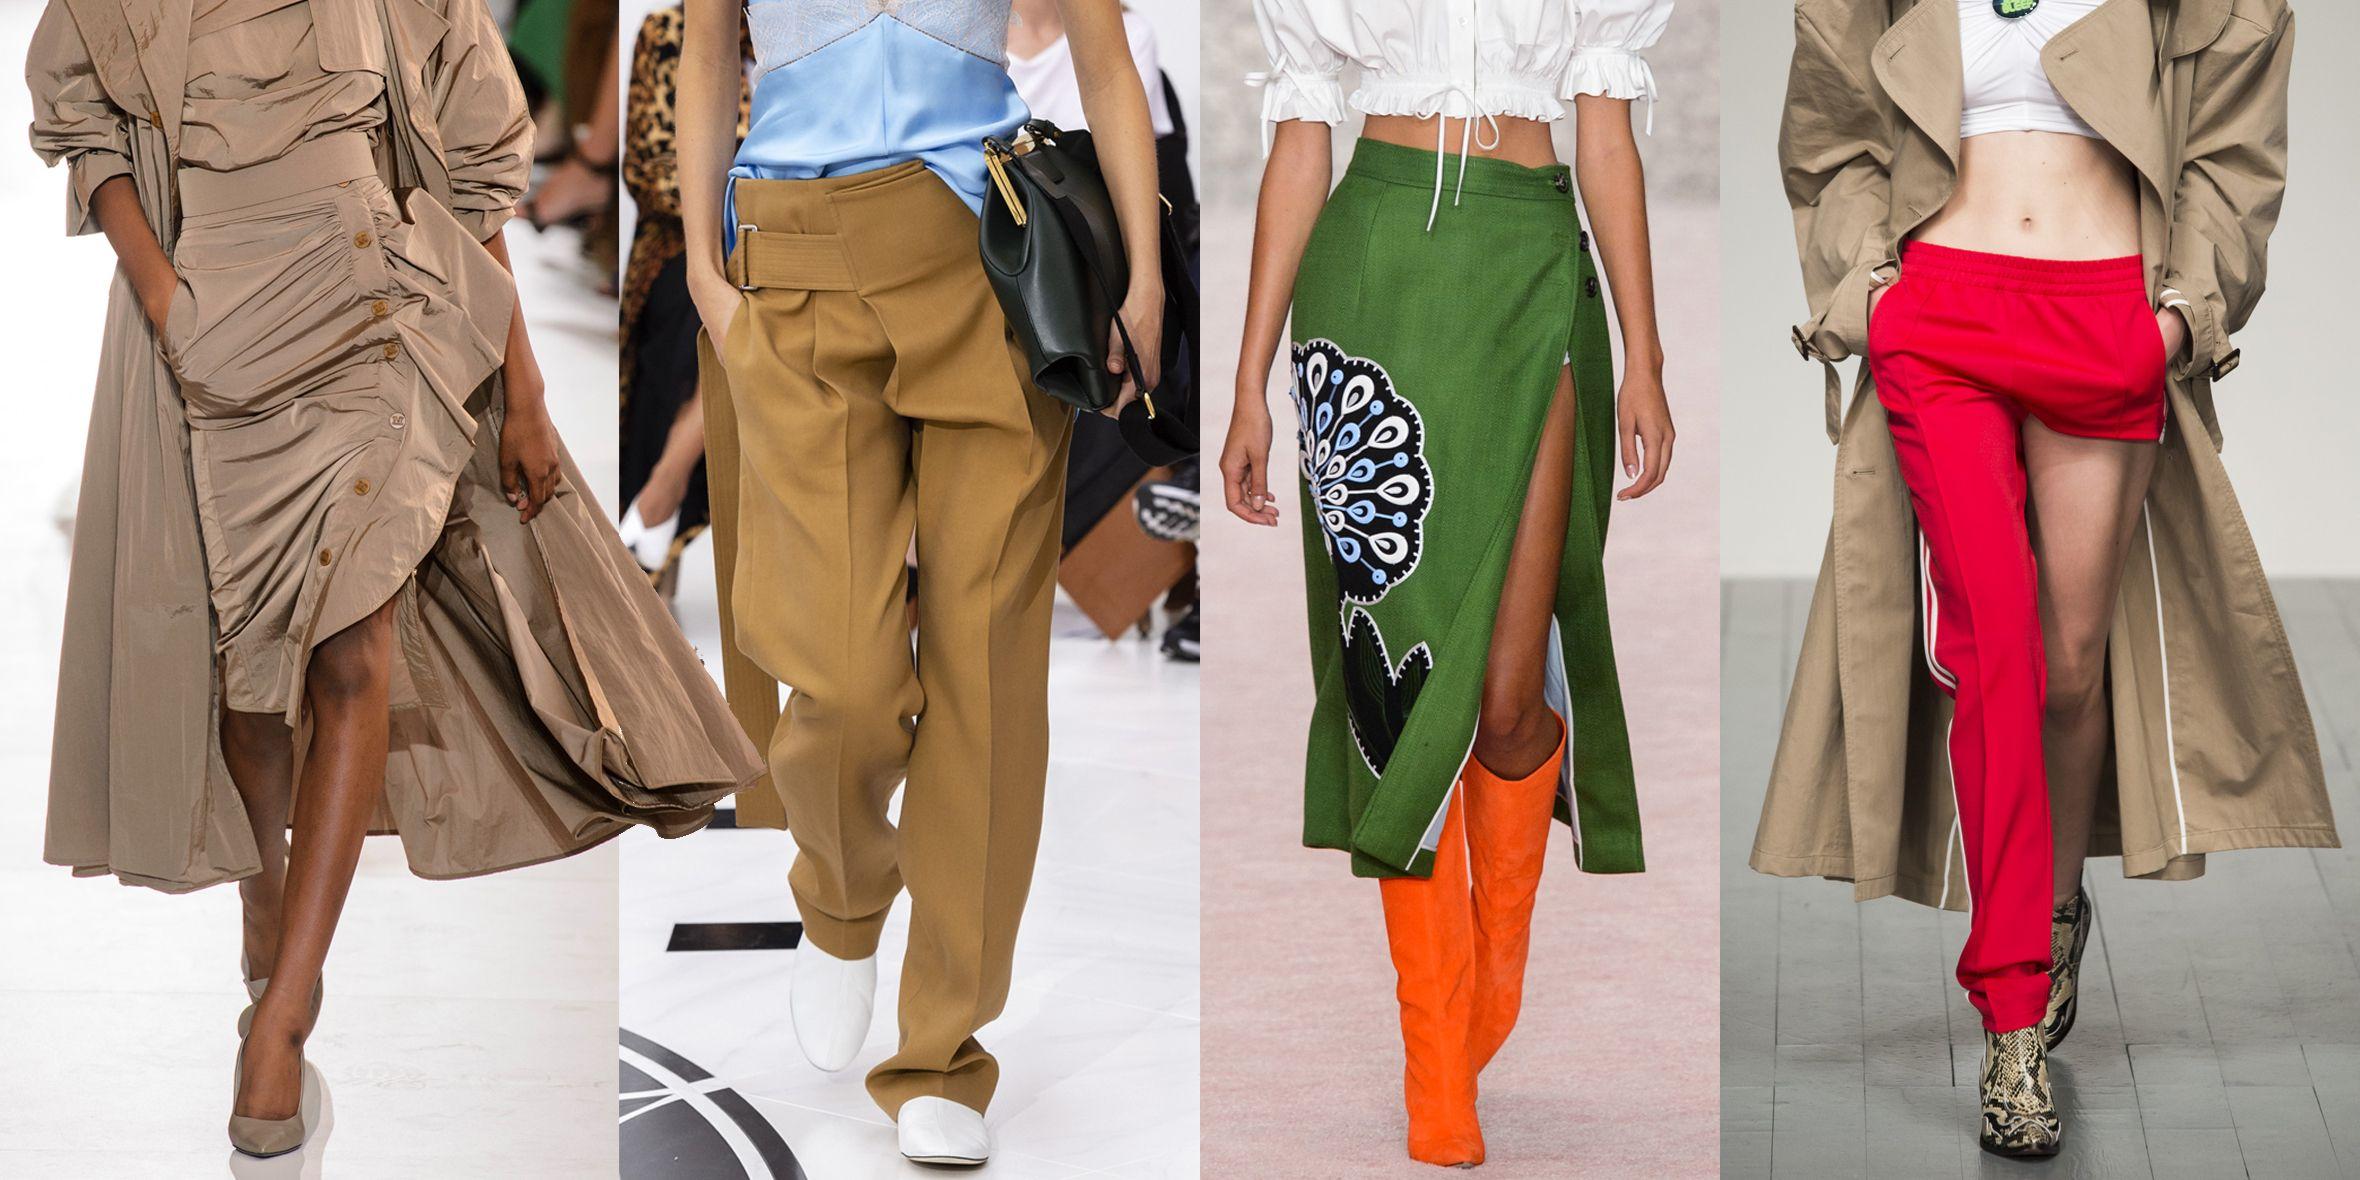 Non solo vestiti bellissimi la prossima primavera estate 2019 ma anche  pantaloni e gonne da indossare